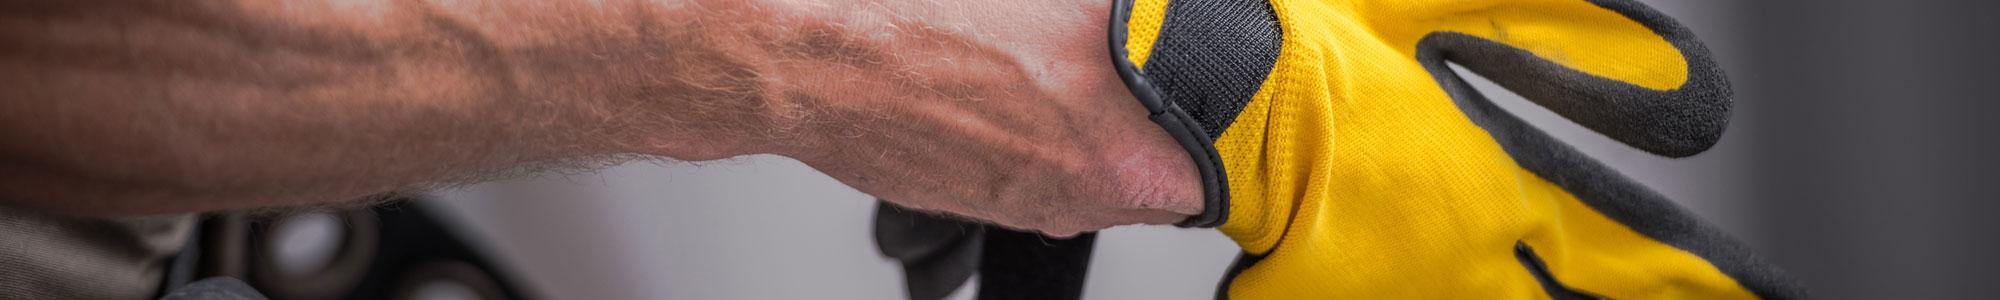 Mann zieht gelbe Sicherheitshandschuhe an